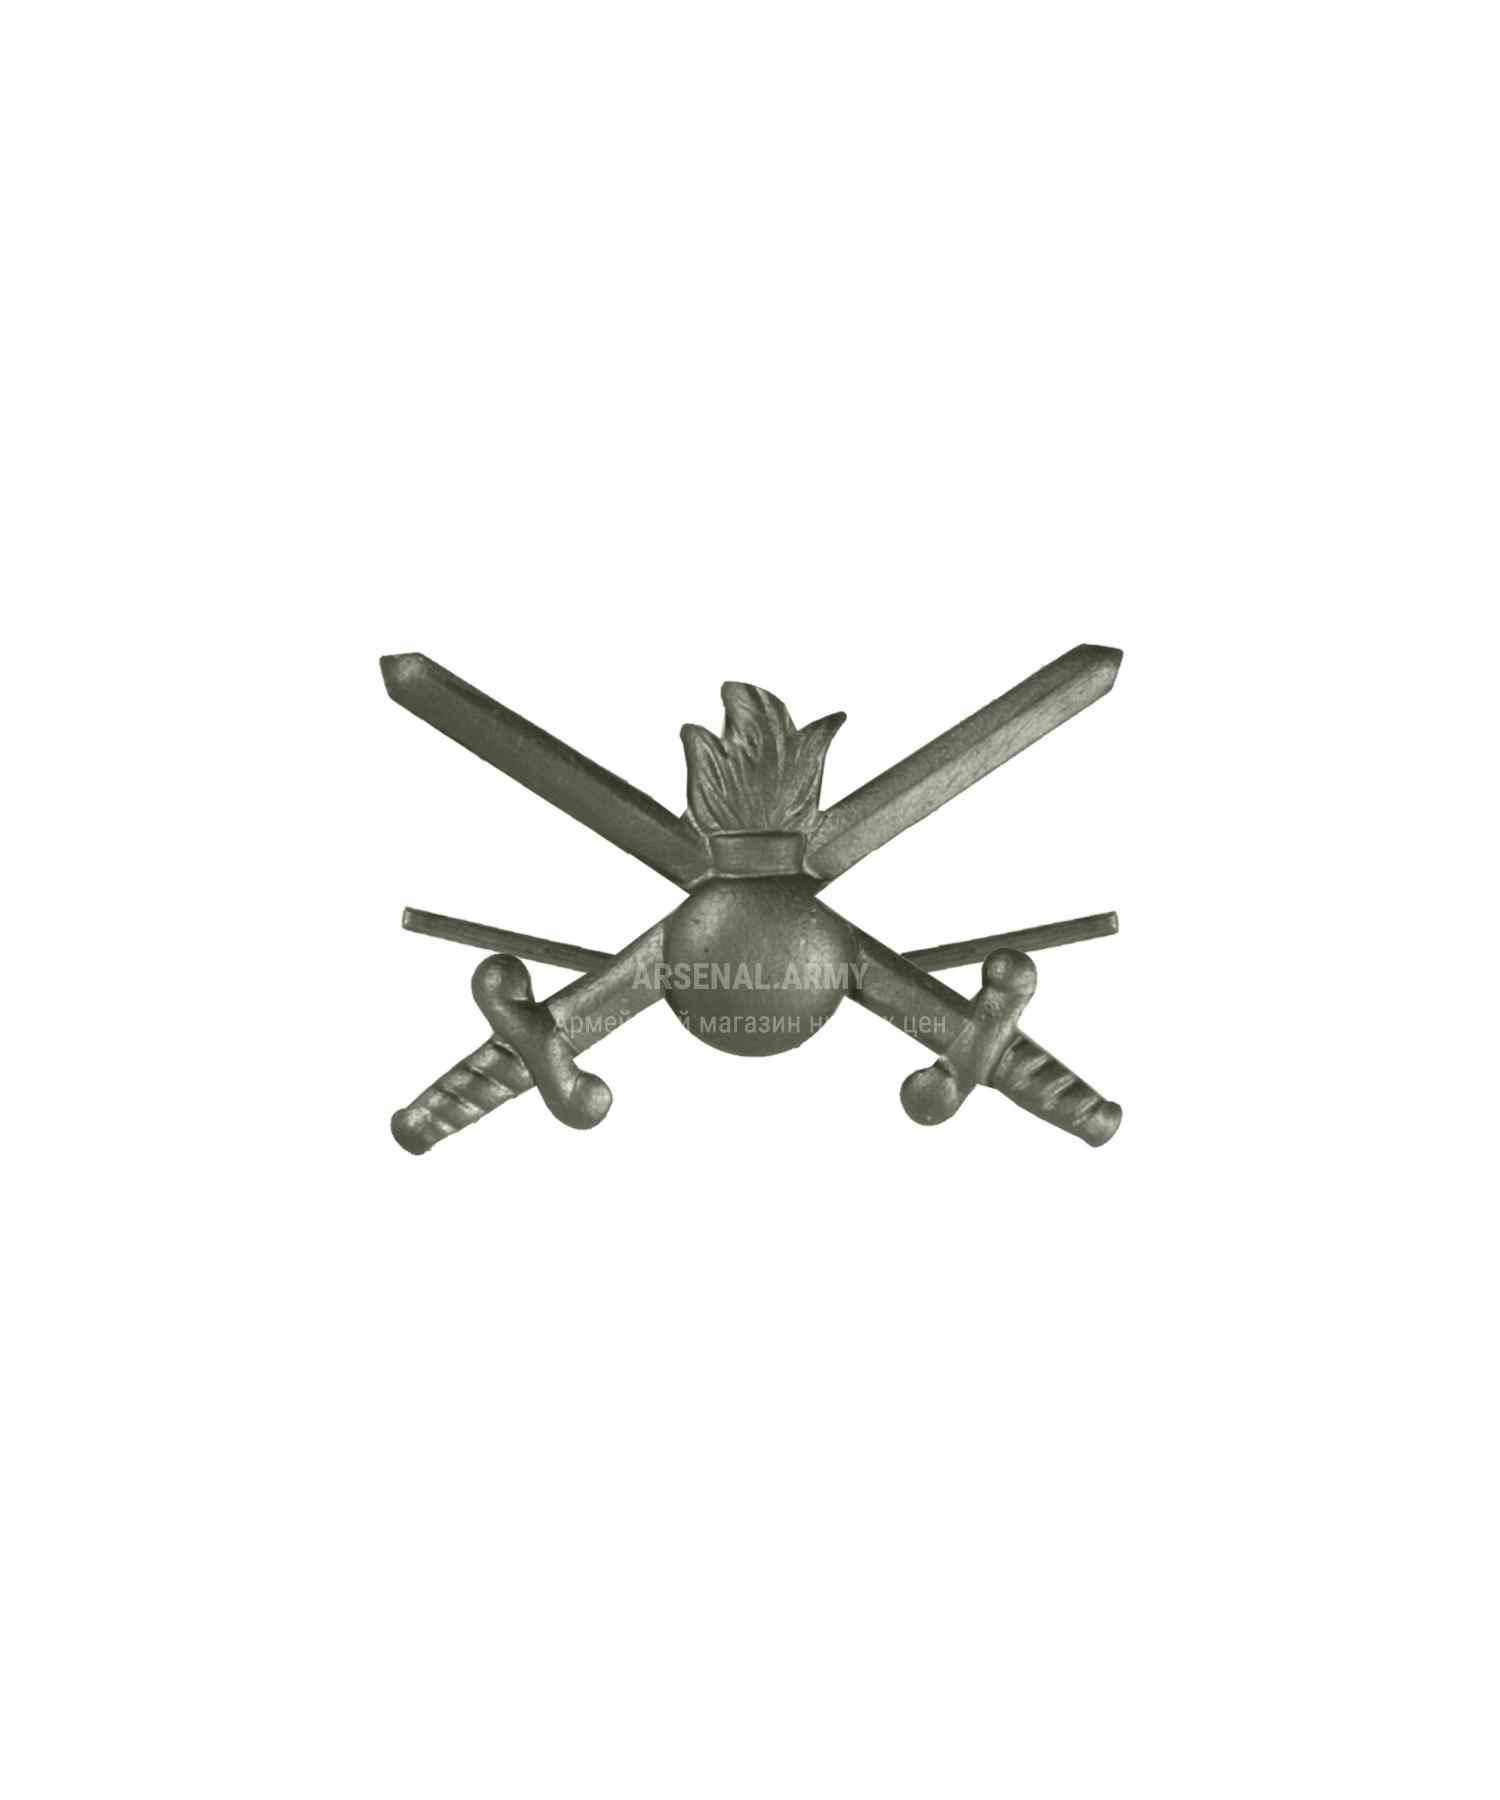 Эмблема сухопутные войска нового образца металлическая зеленая